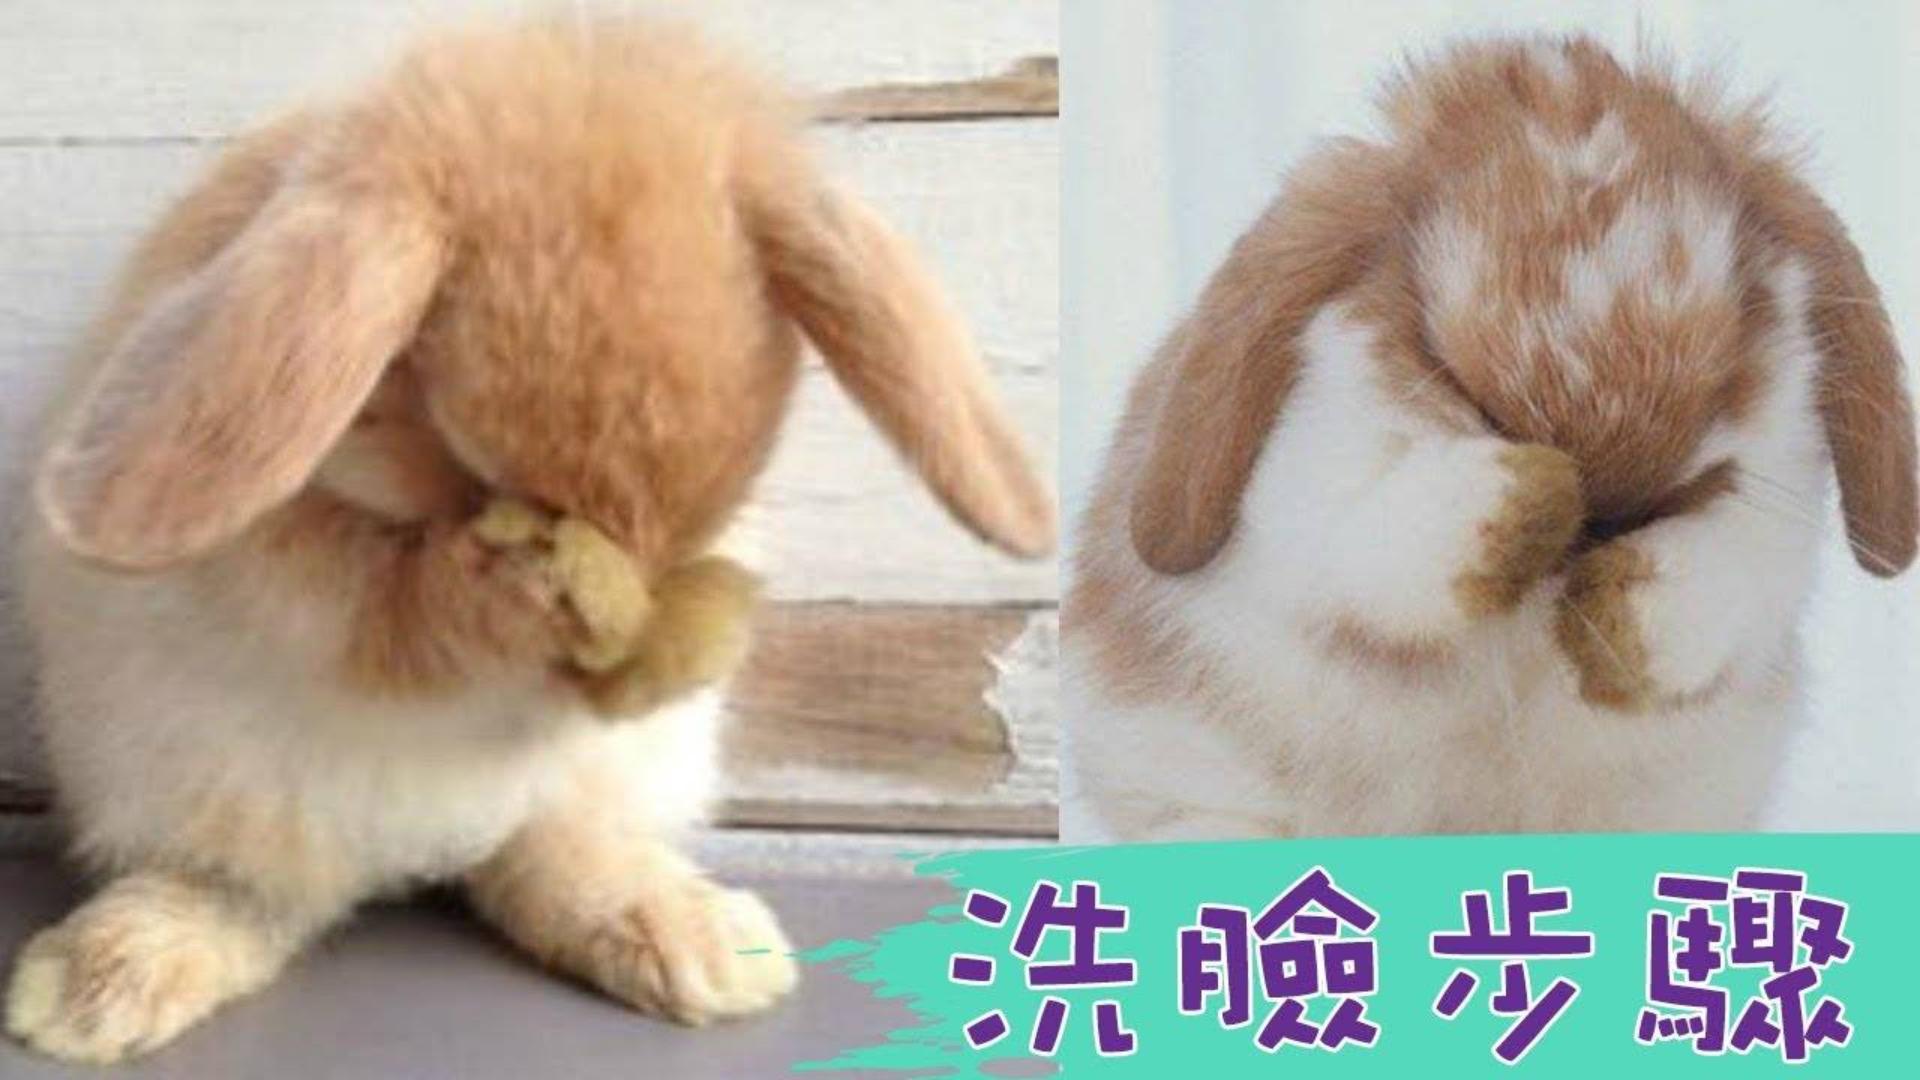 怎么这么可爱!小兔兔洗脸有一定的步骤耶,有哪几个步骤你们看出来了吗